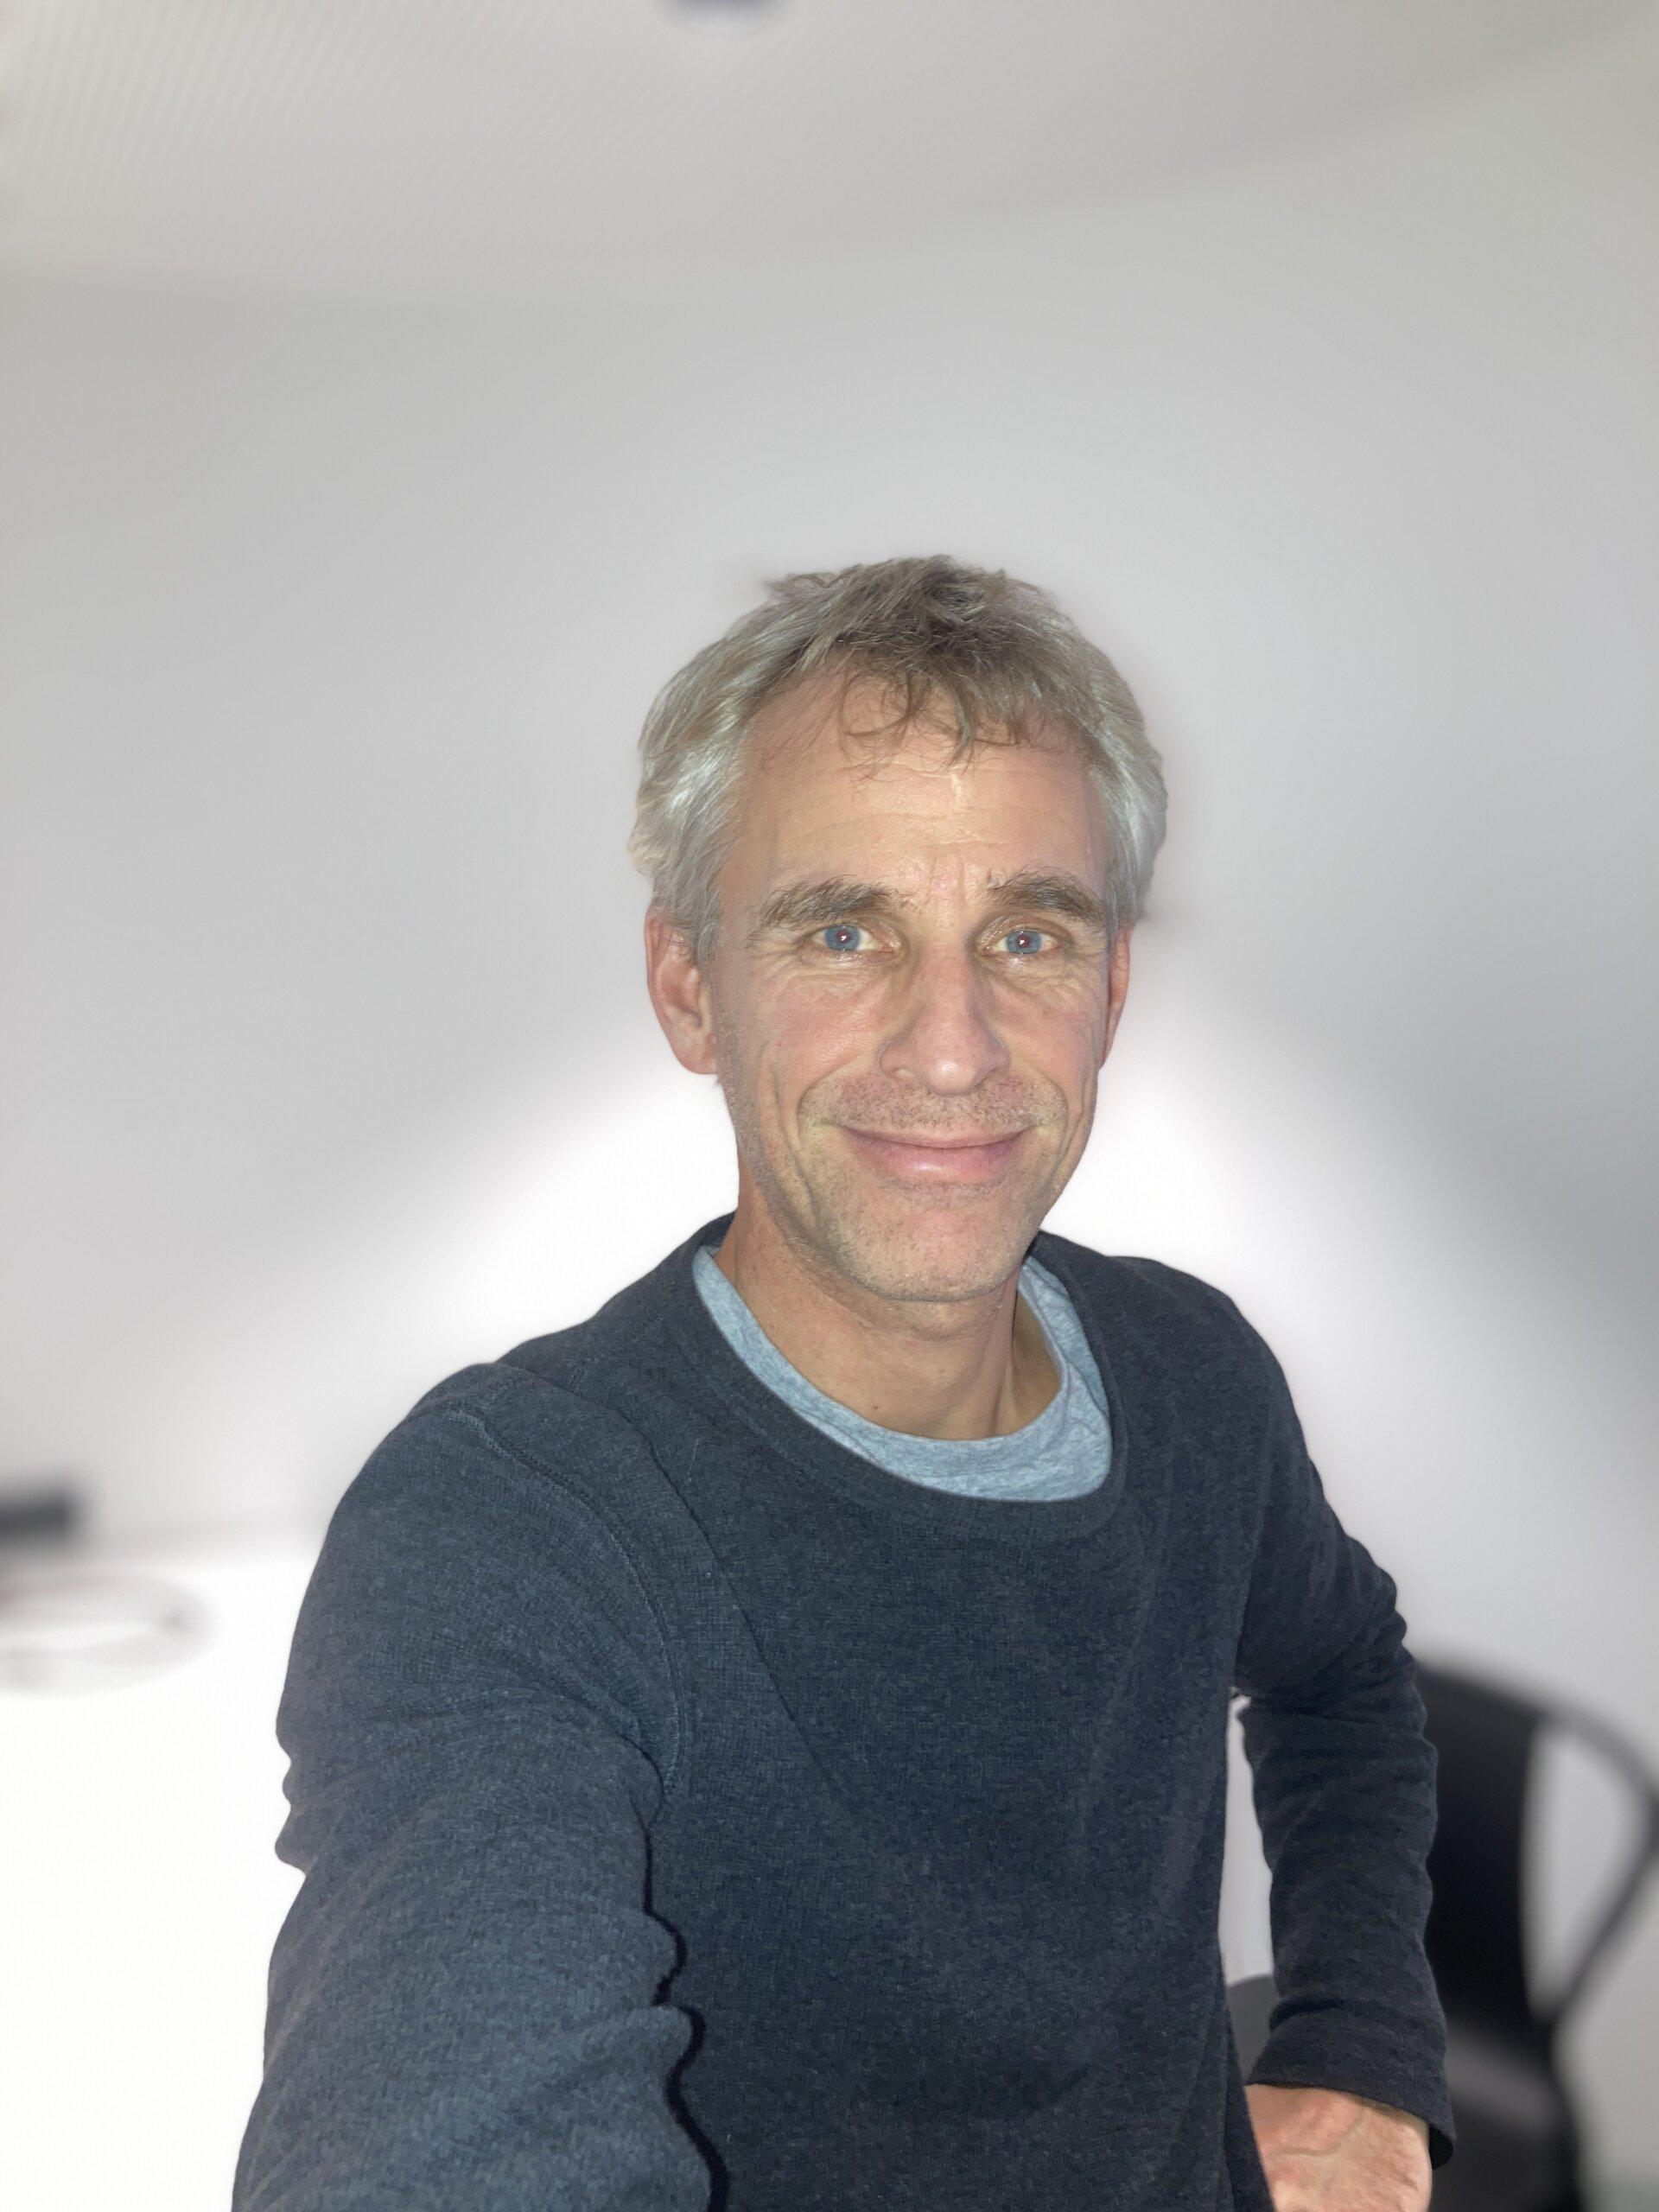 Stefan Puskas Profilbild